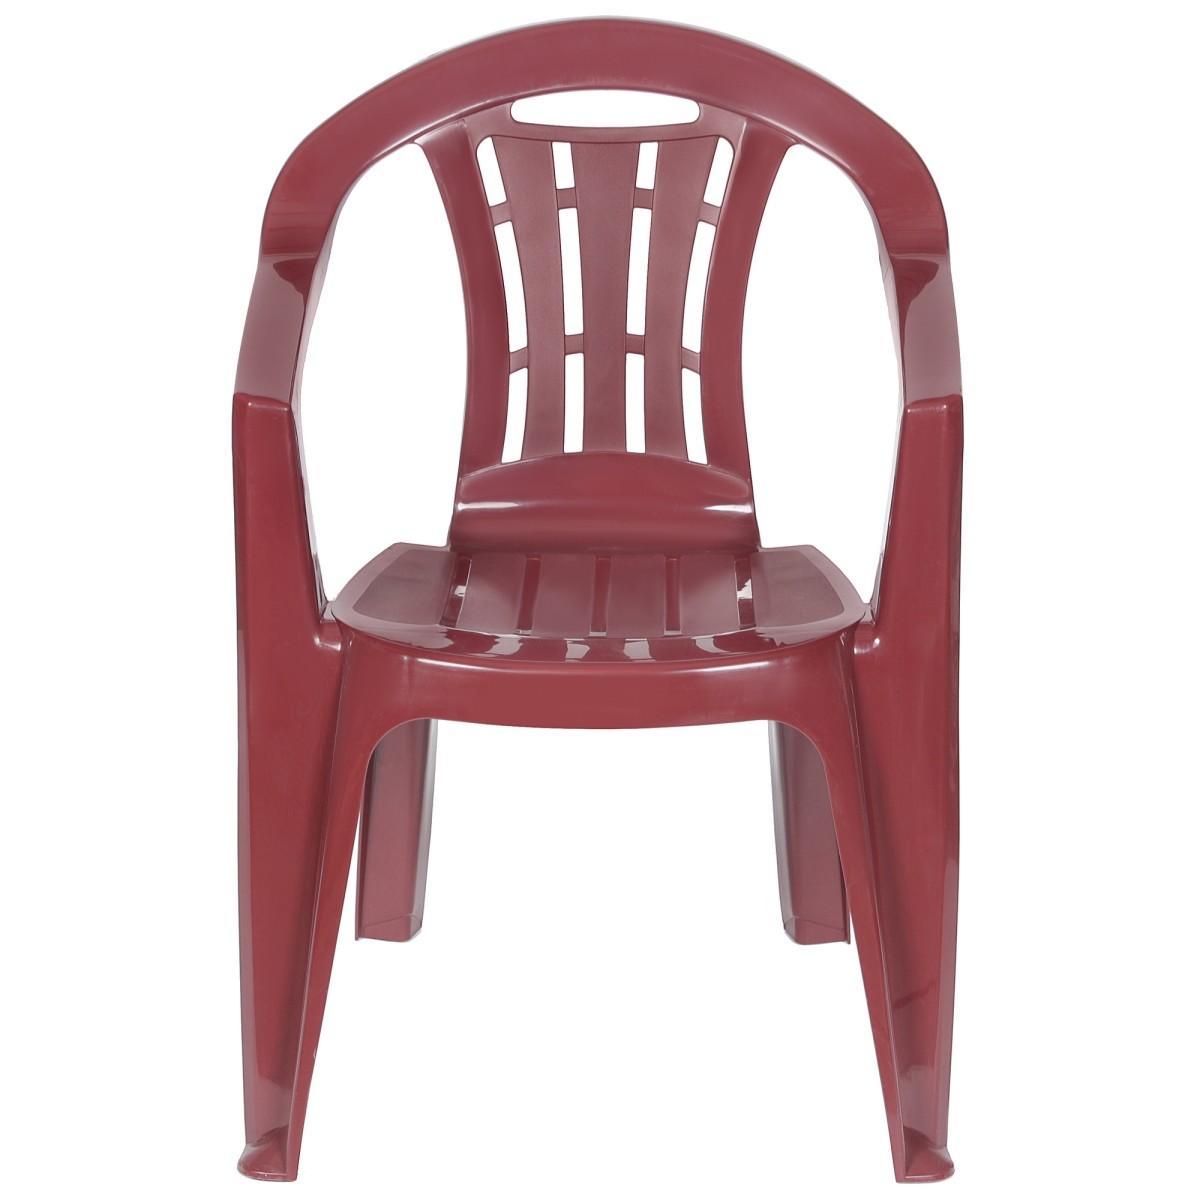 Кресло Садовое Майорка 560x790x580 Пластик Цвет Бордо